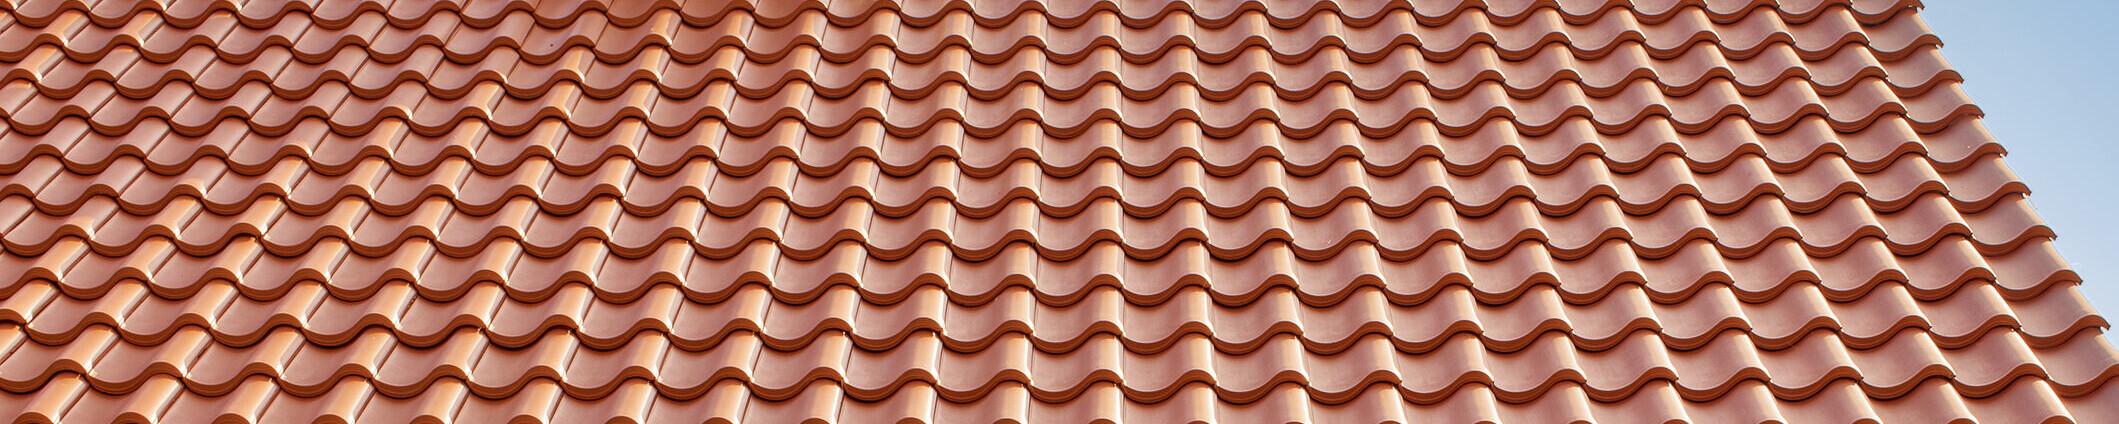 Dachówka ceramiczna MELODIE